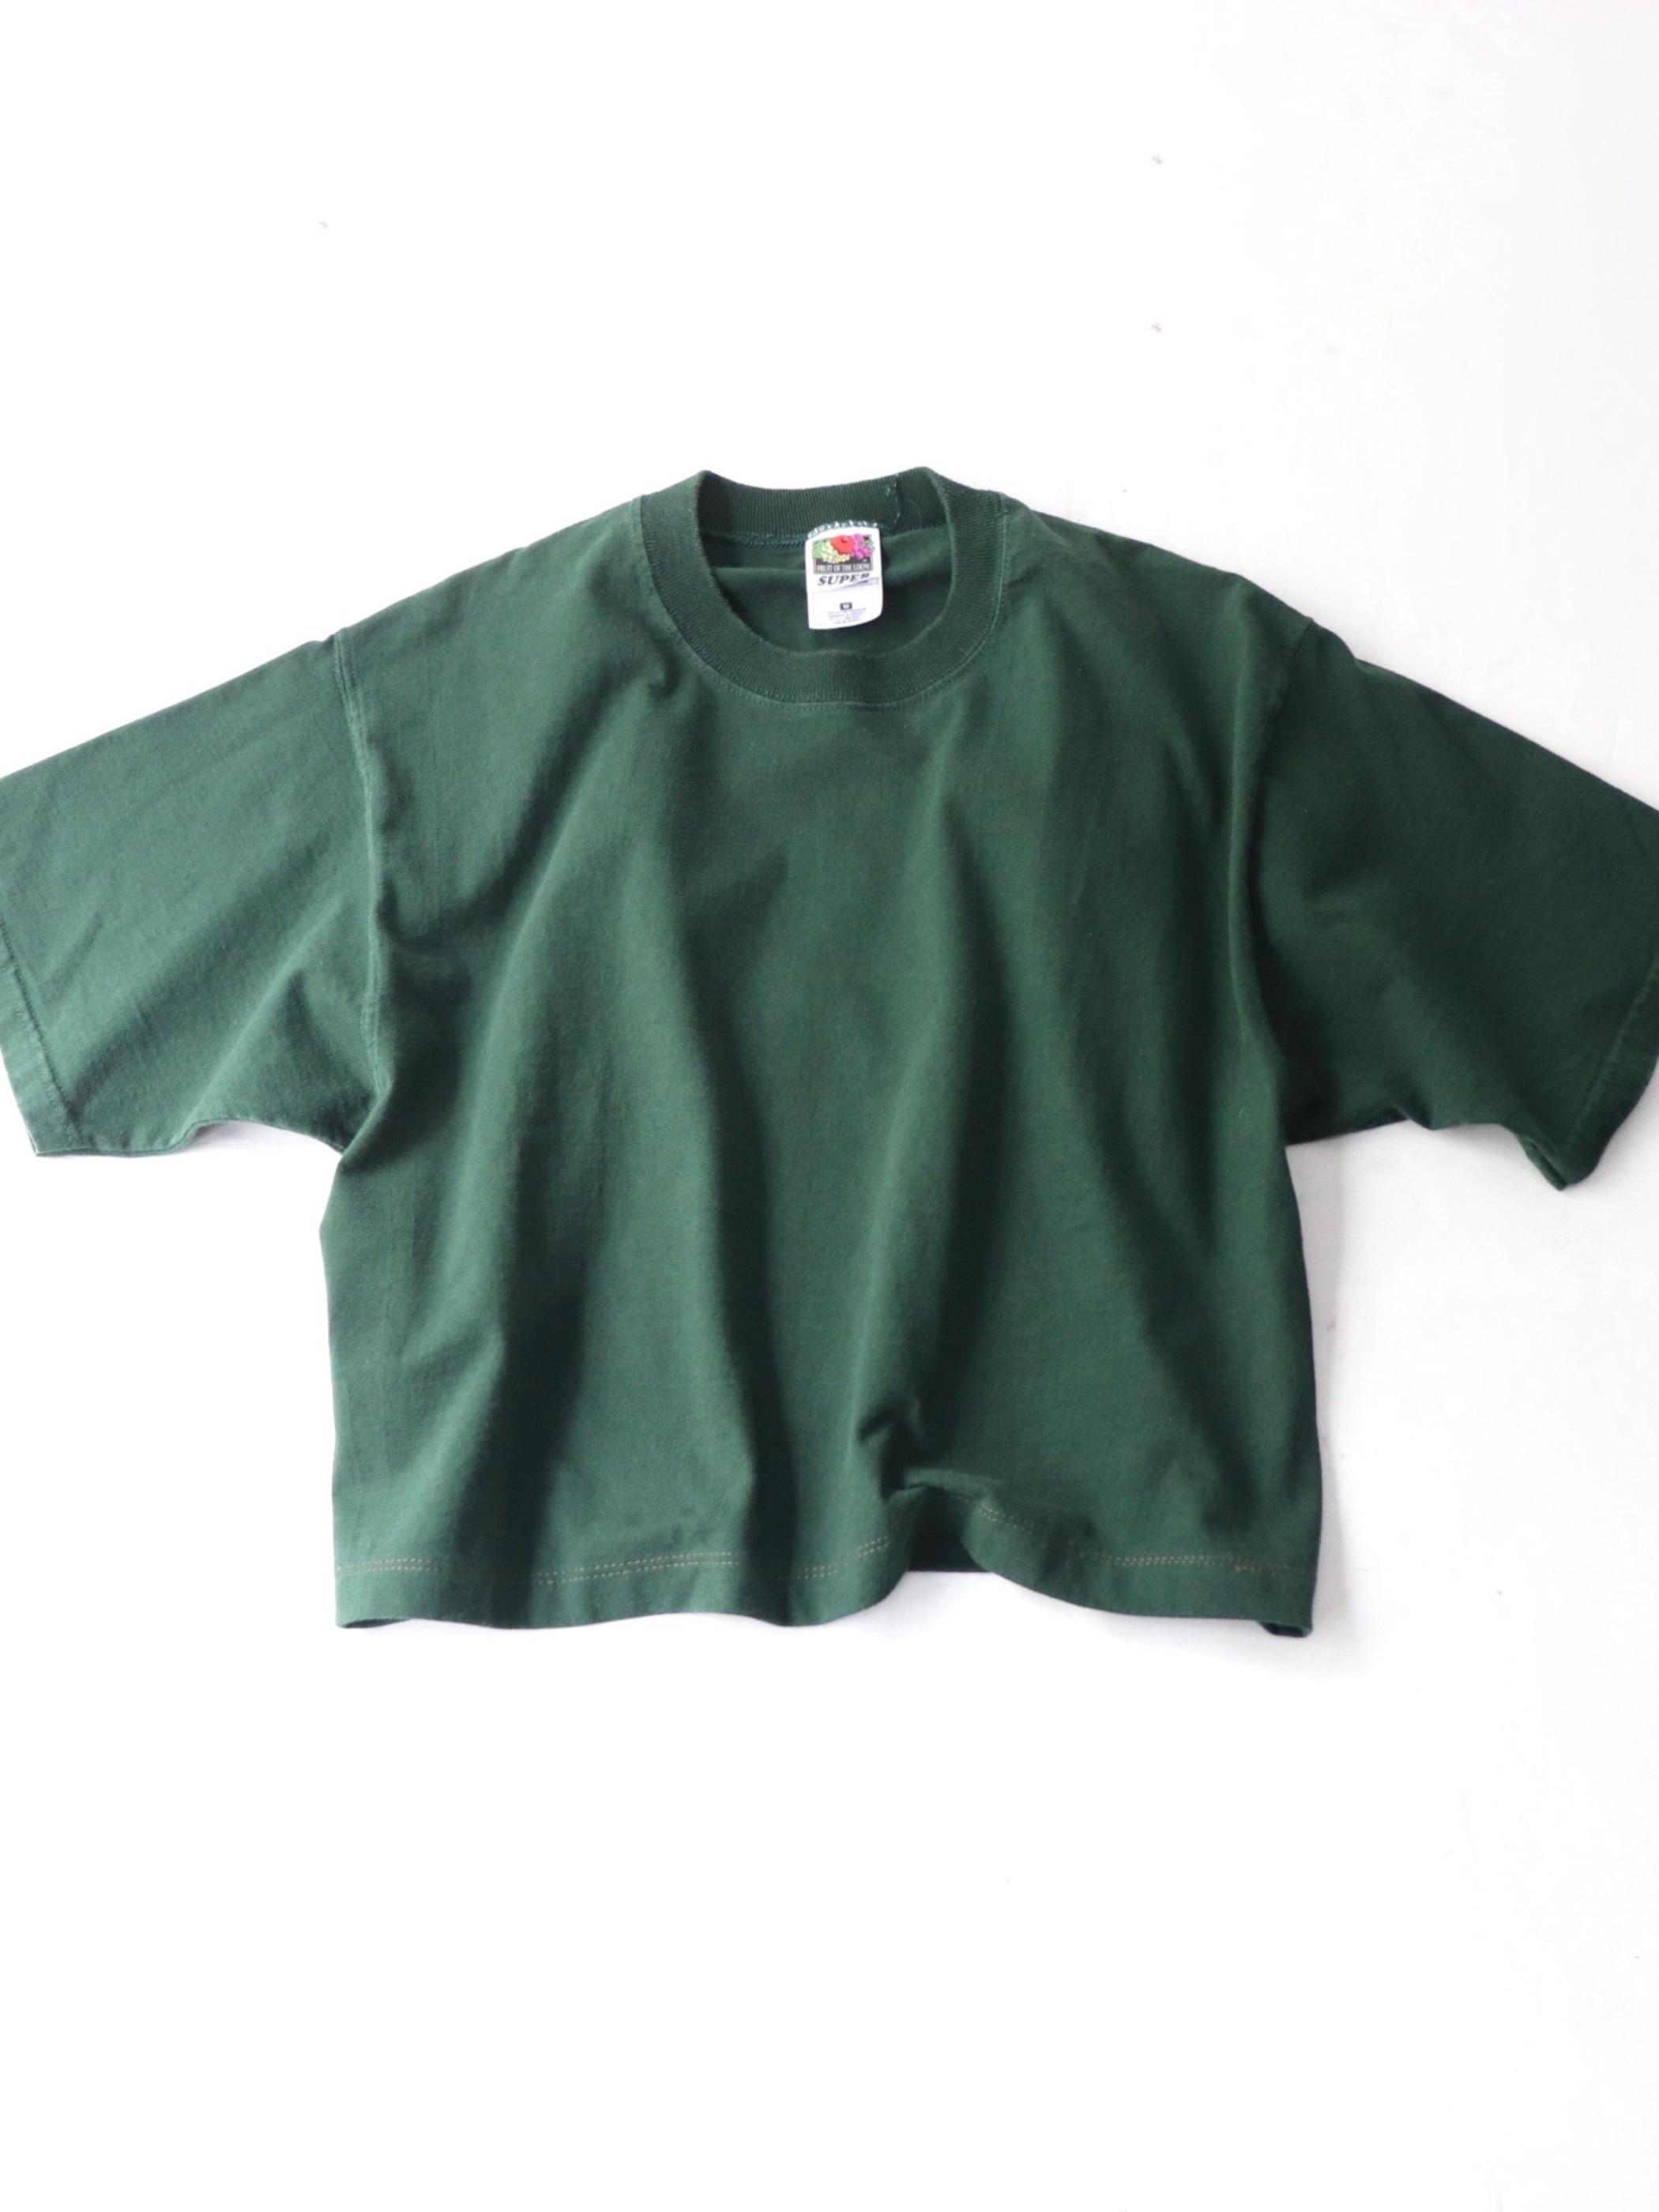 Various shortlength Tee shirt